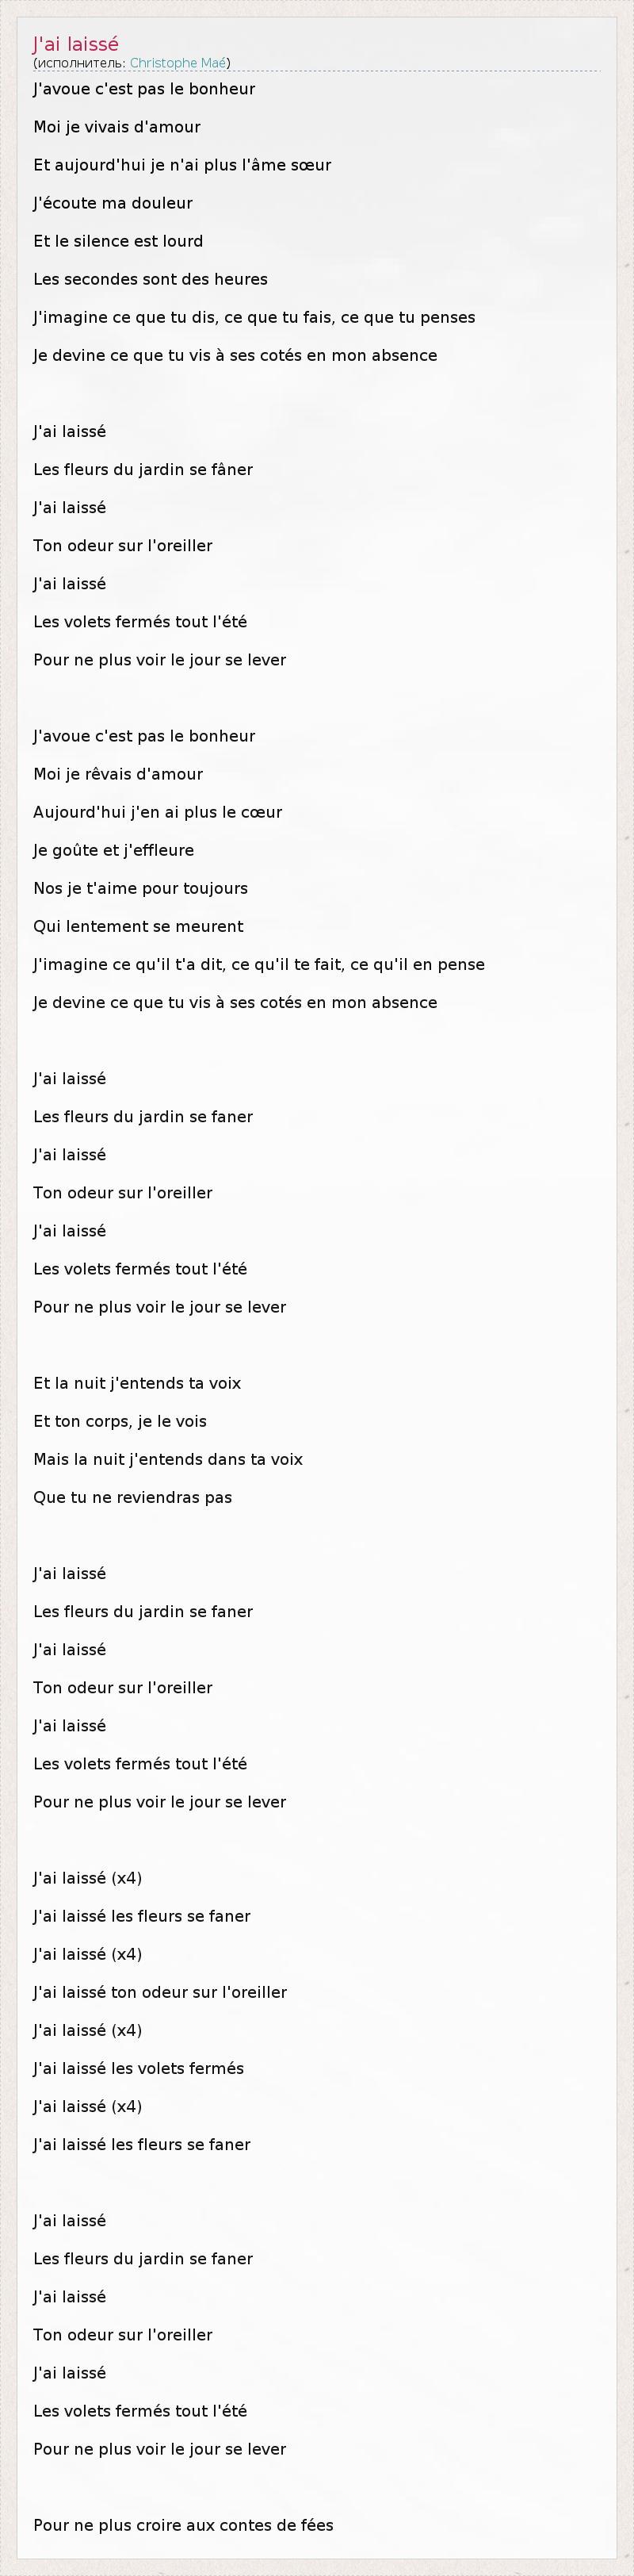 J'avoue C'est Pas Le Bonheur : j'avoue, c'est, bonheur, Текст, песни, Laissé,, слова